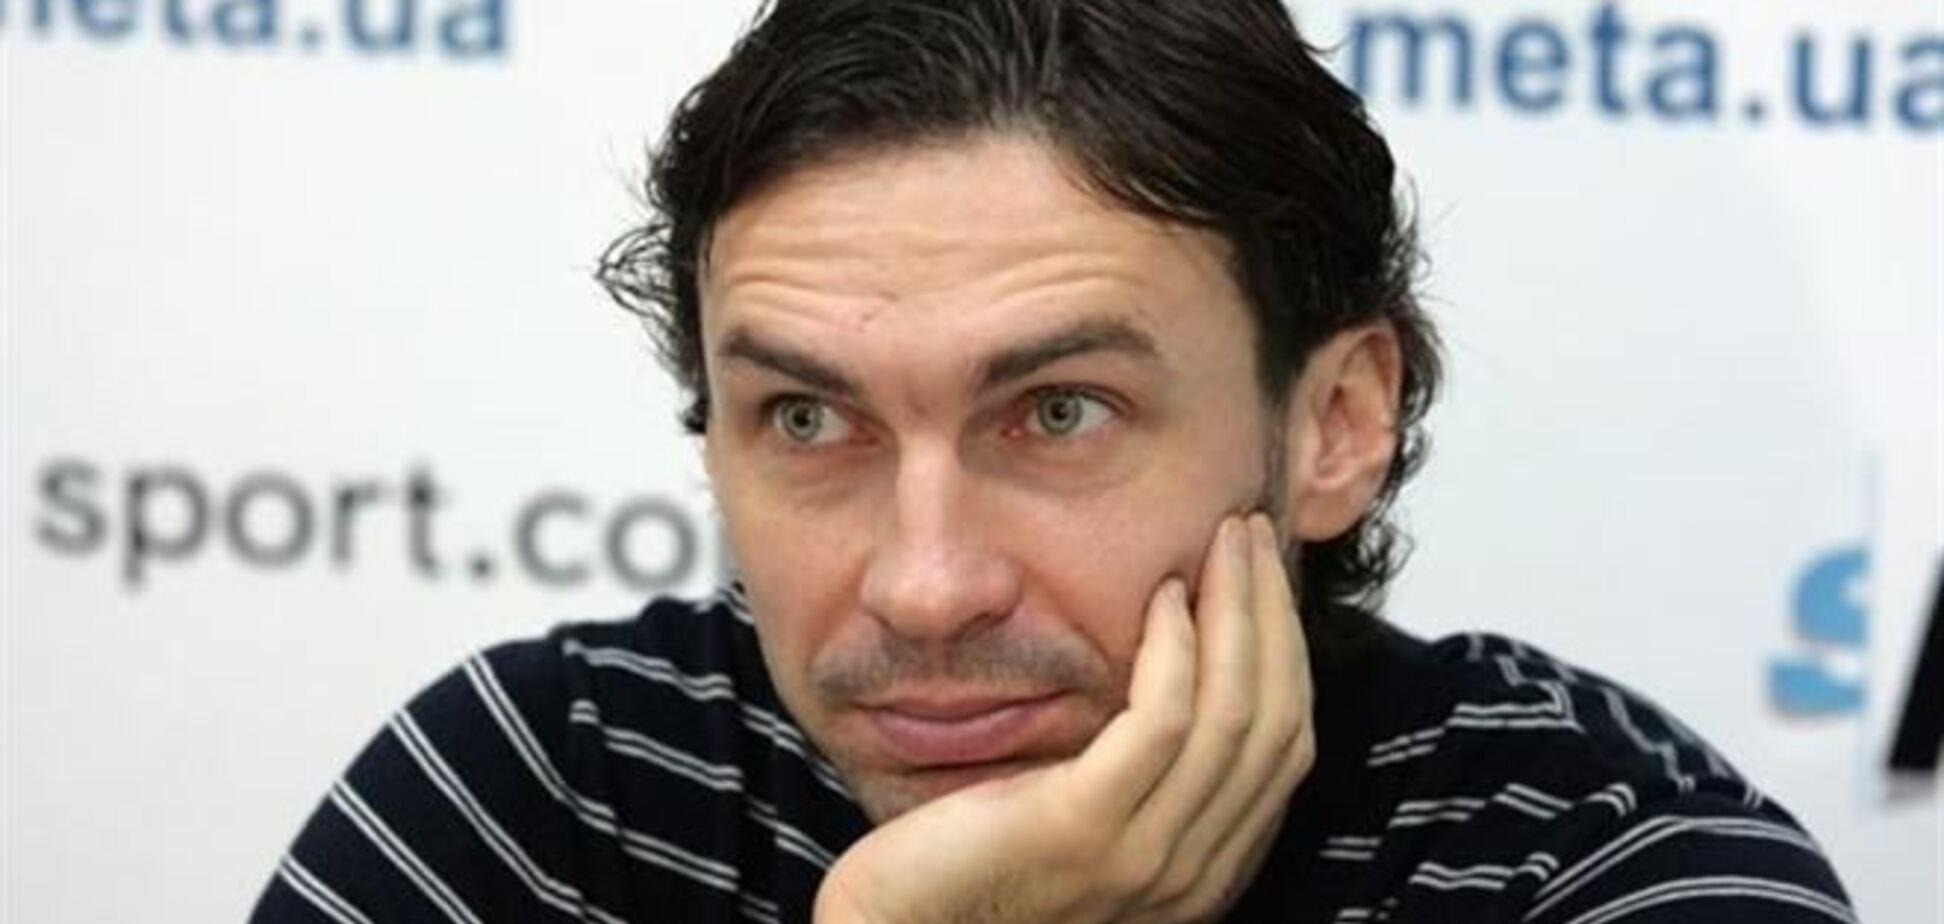 Футболист Ващук попал в реанимацию после ДТП